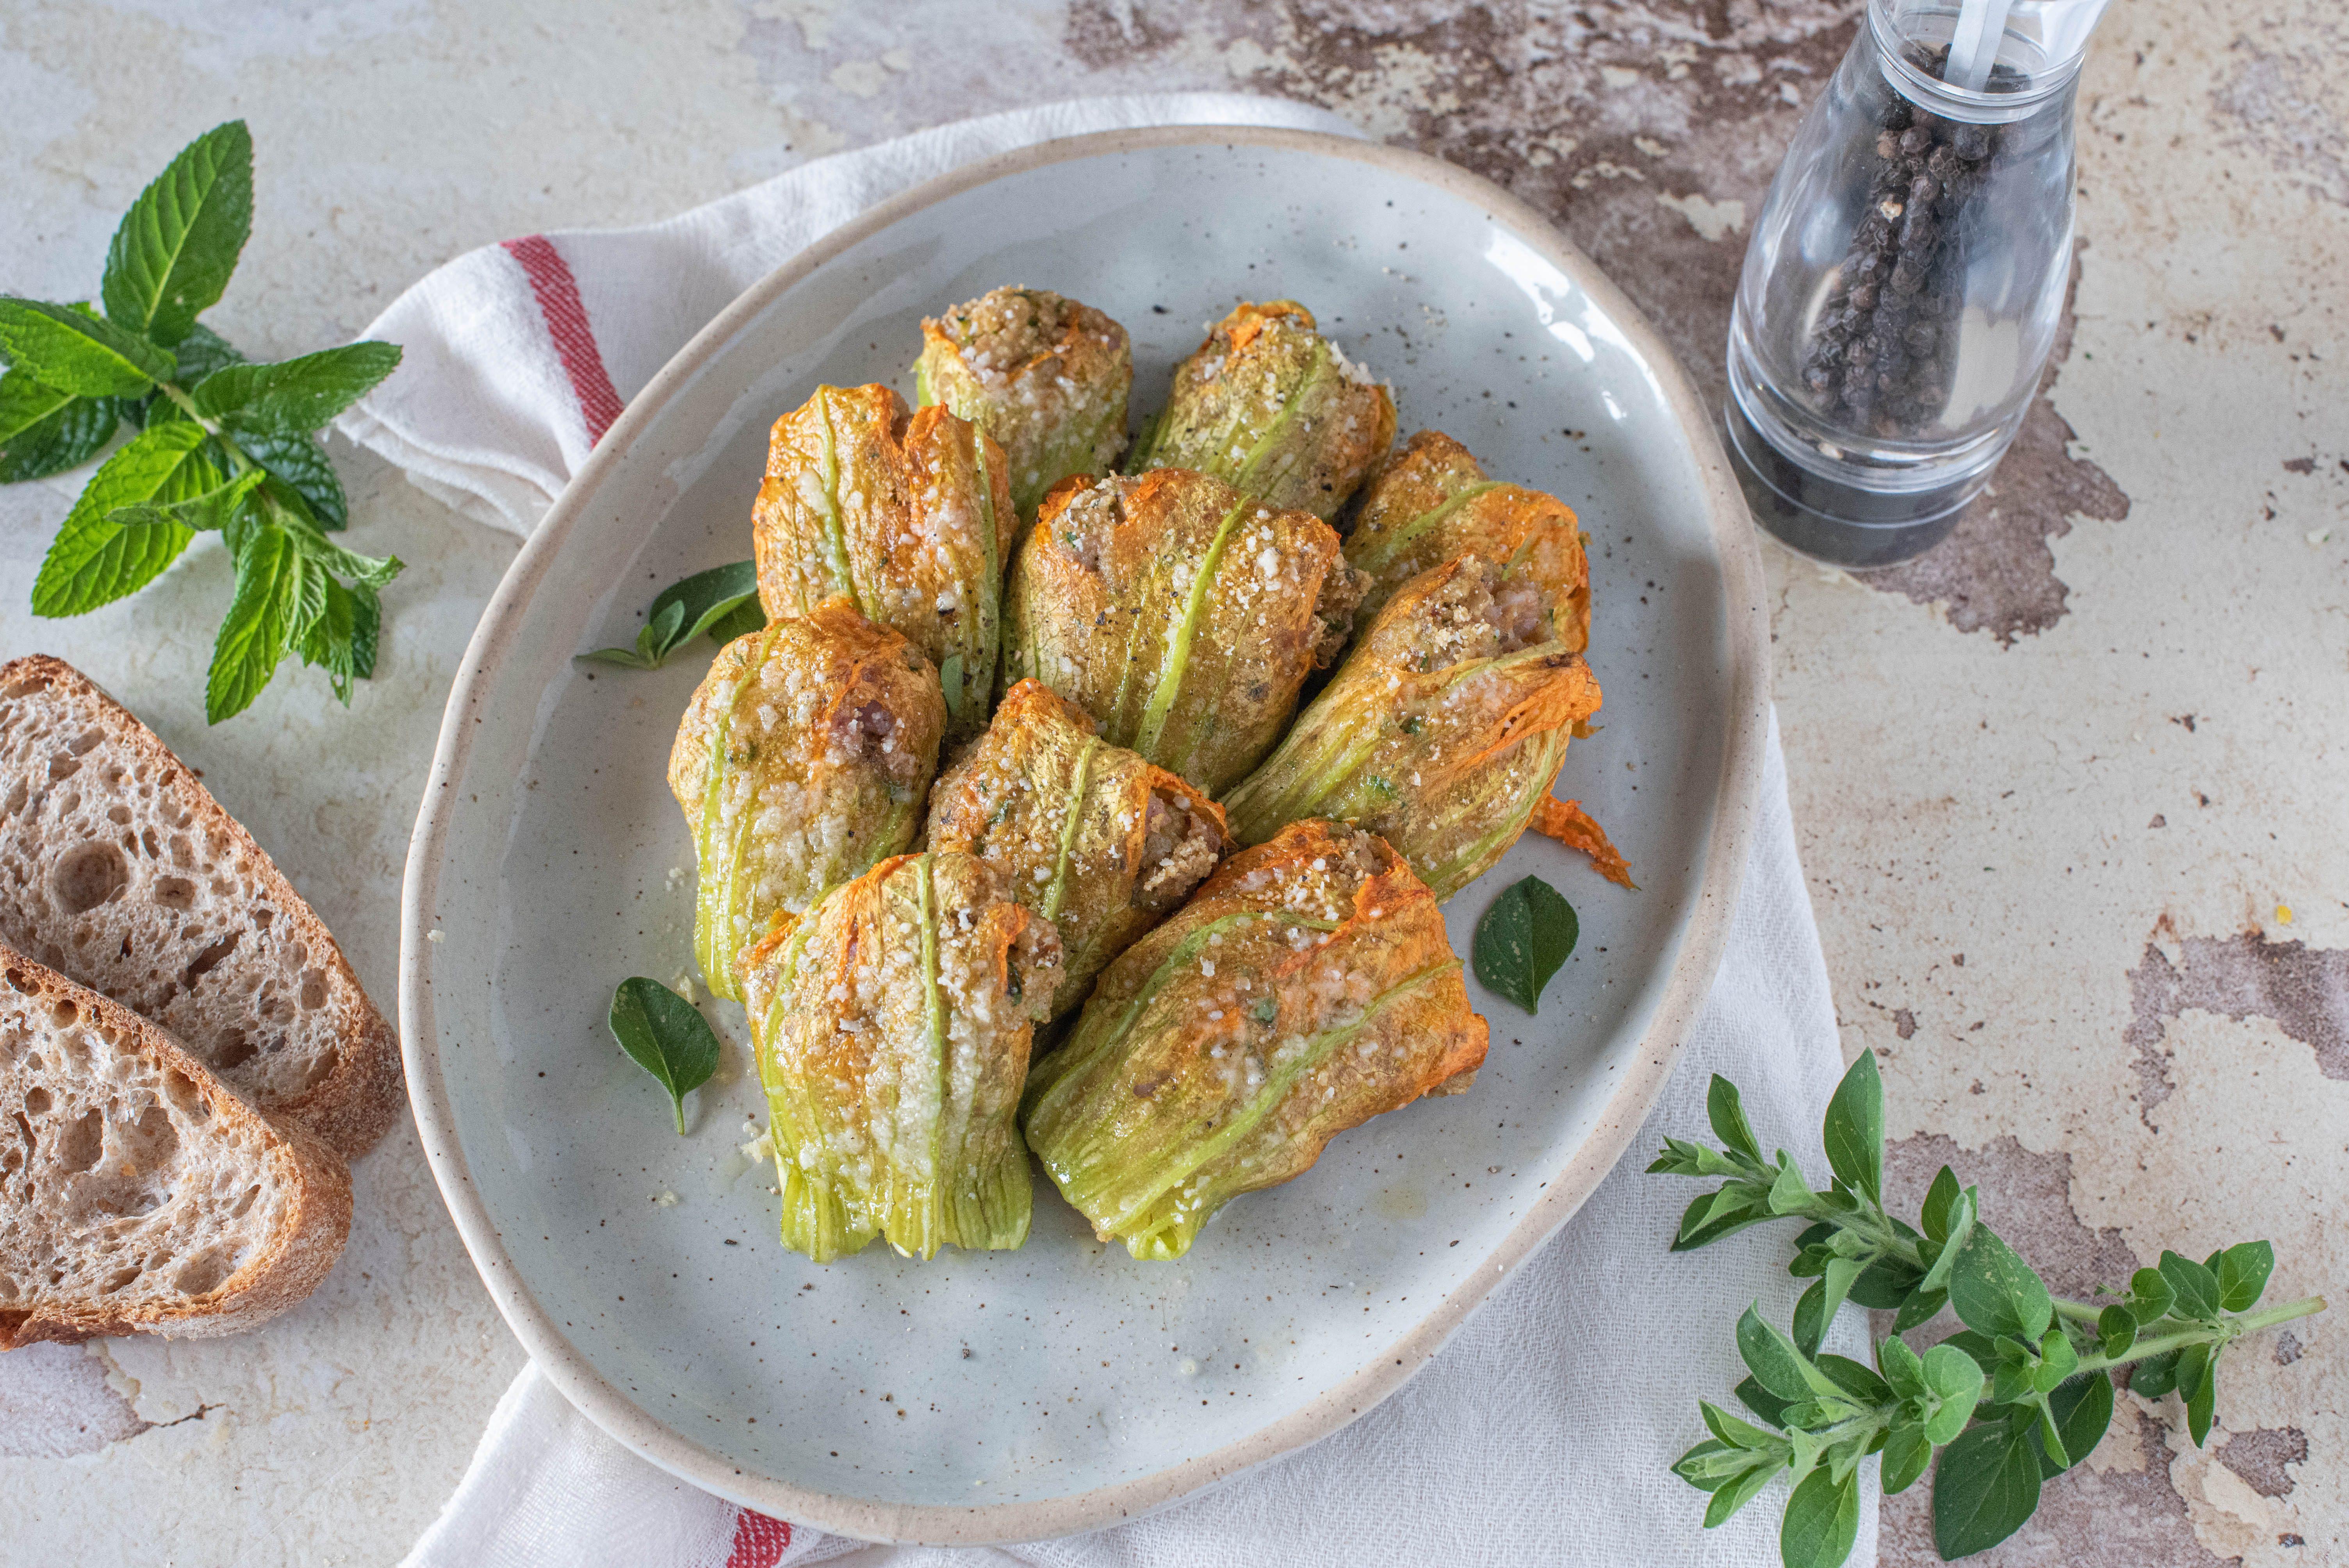 Fiori di zucca ripieni di ricotta: la ricetta del piatto sfizioso e leggero